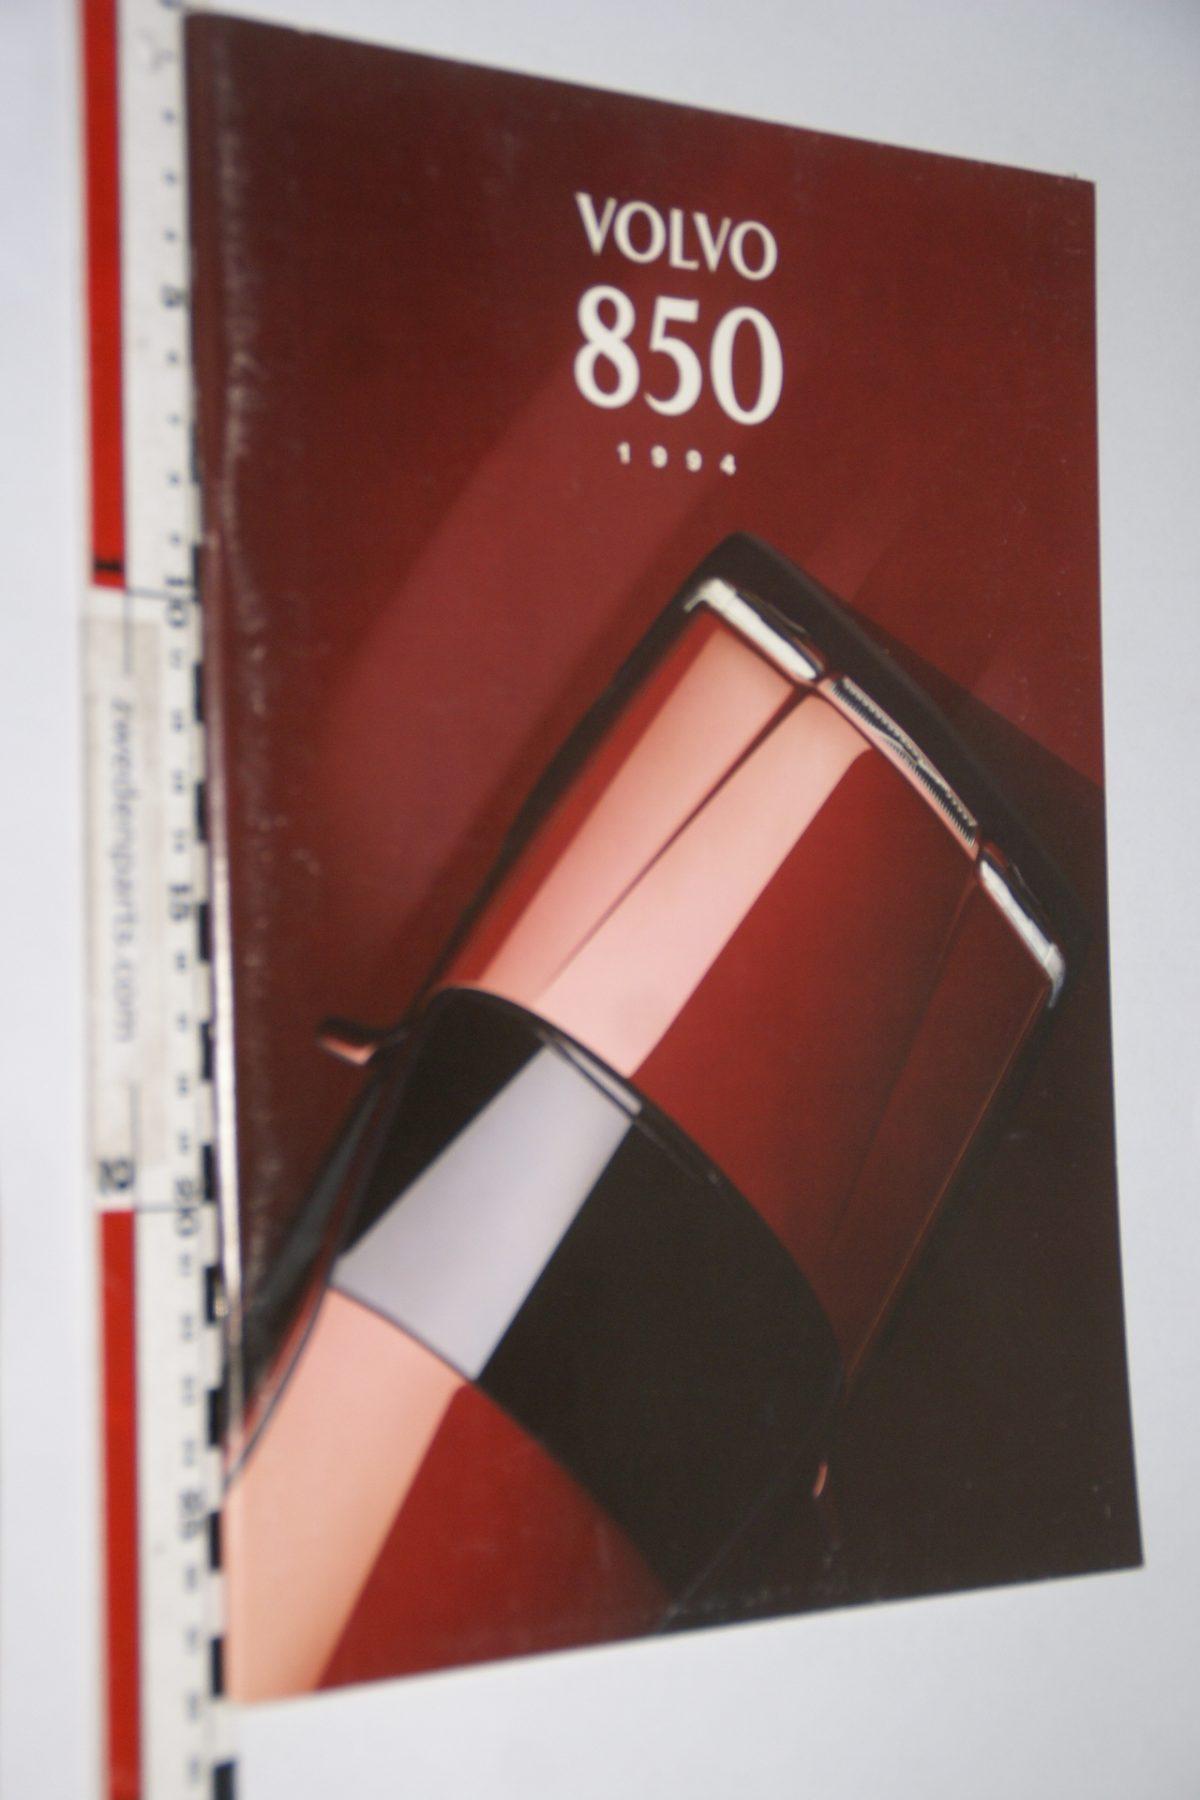 DSC06288 1994 brochure Volvo 850 nr MSPV 6060-94, Svenskt